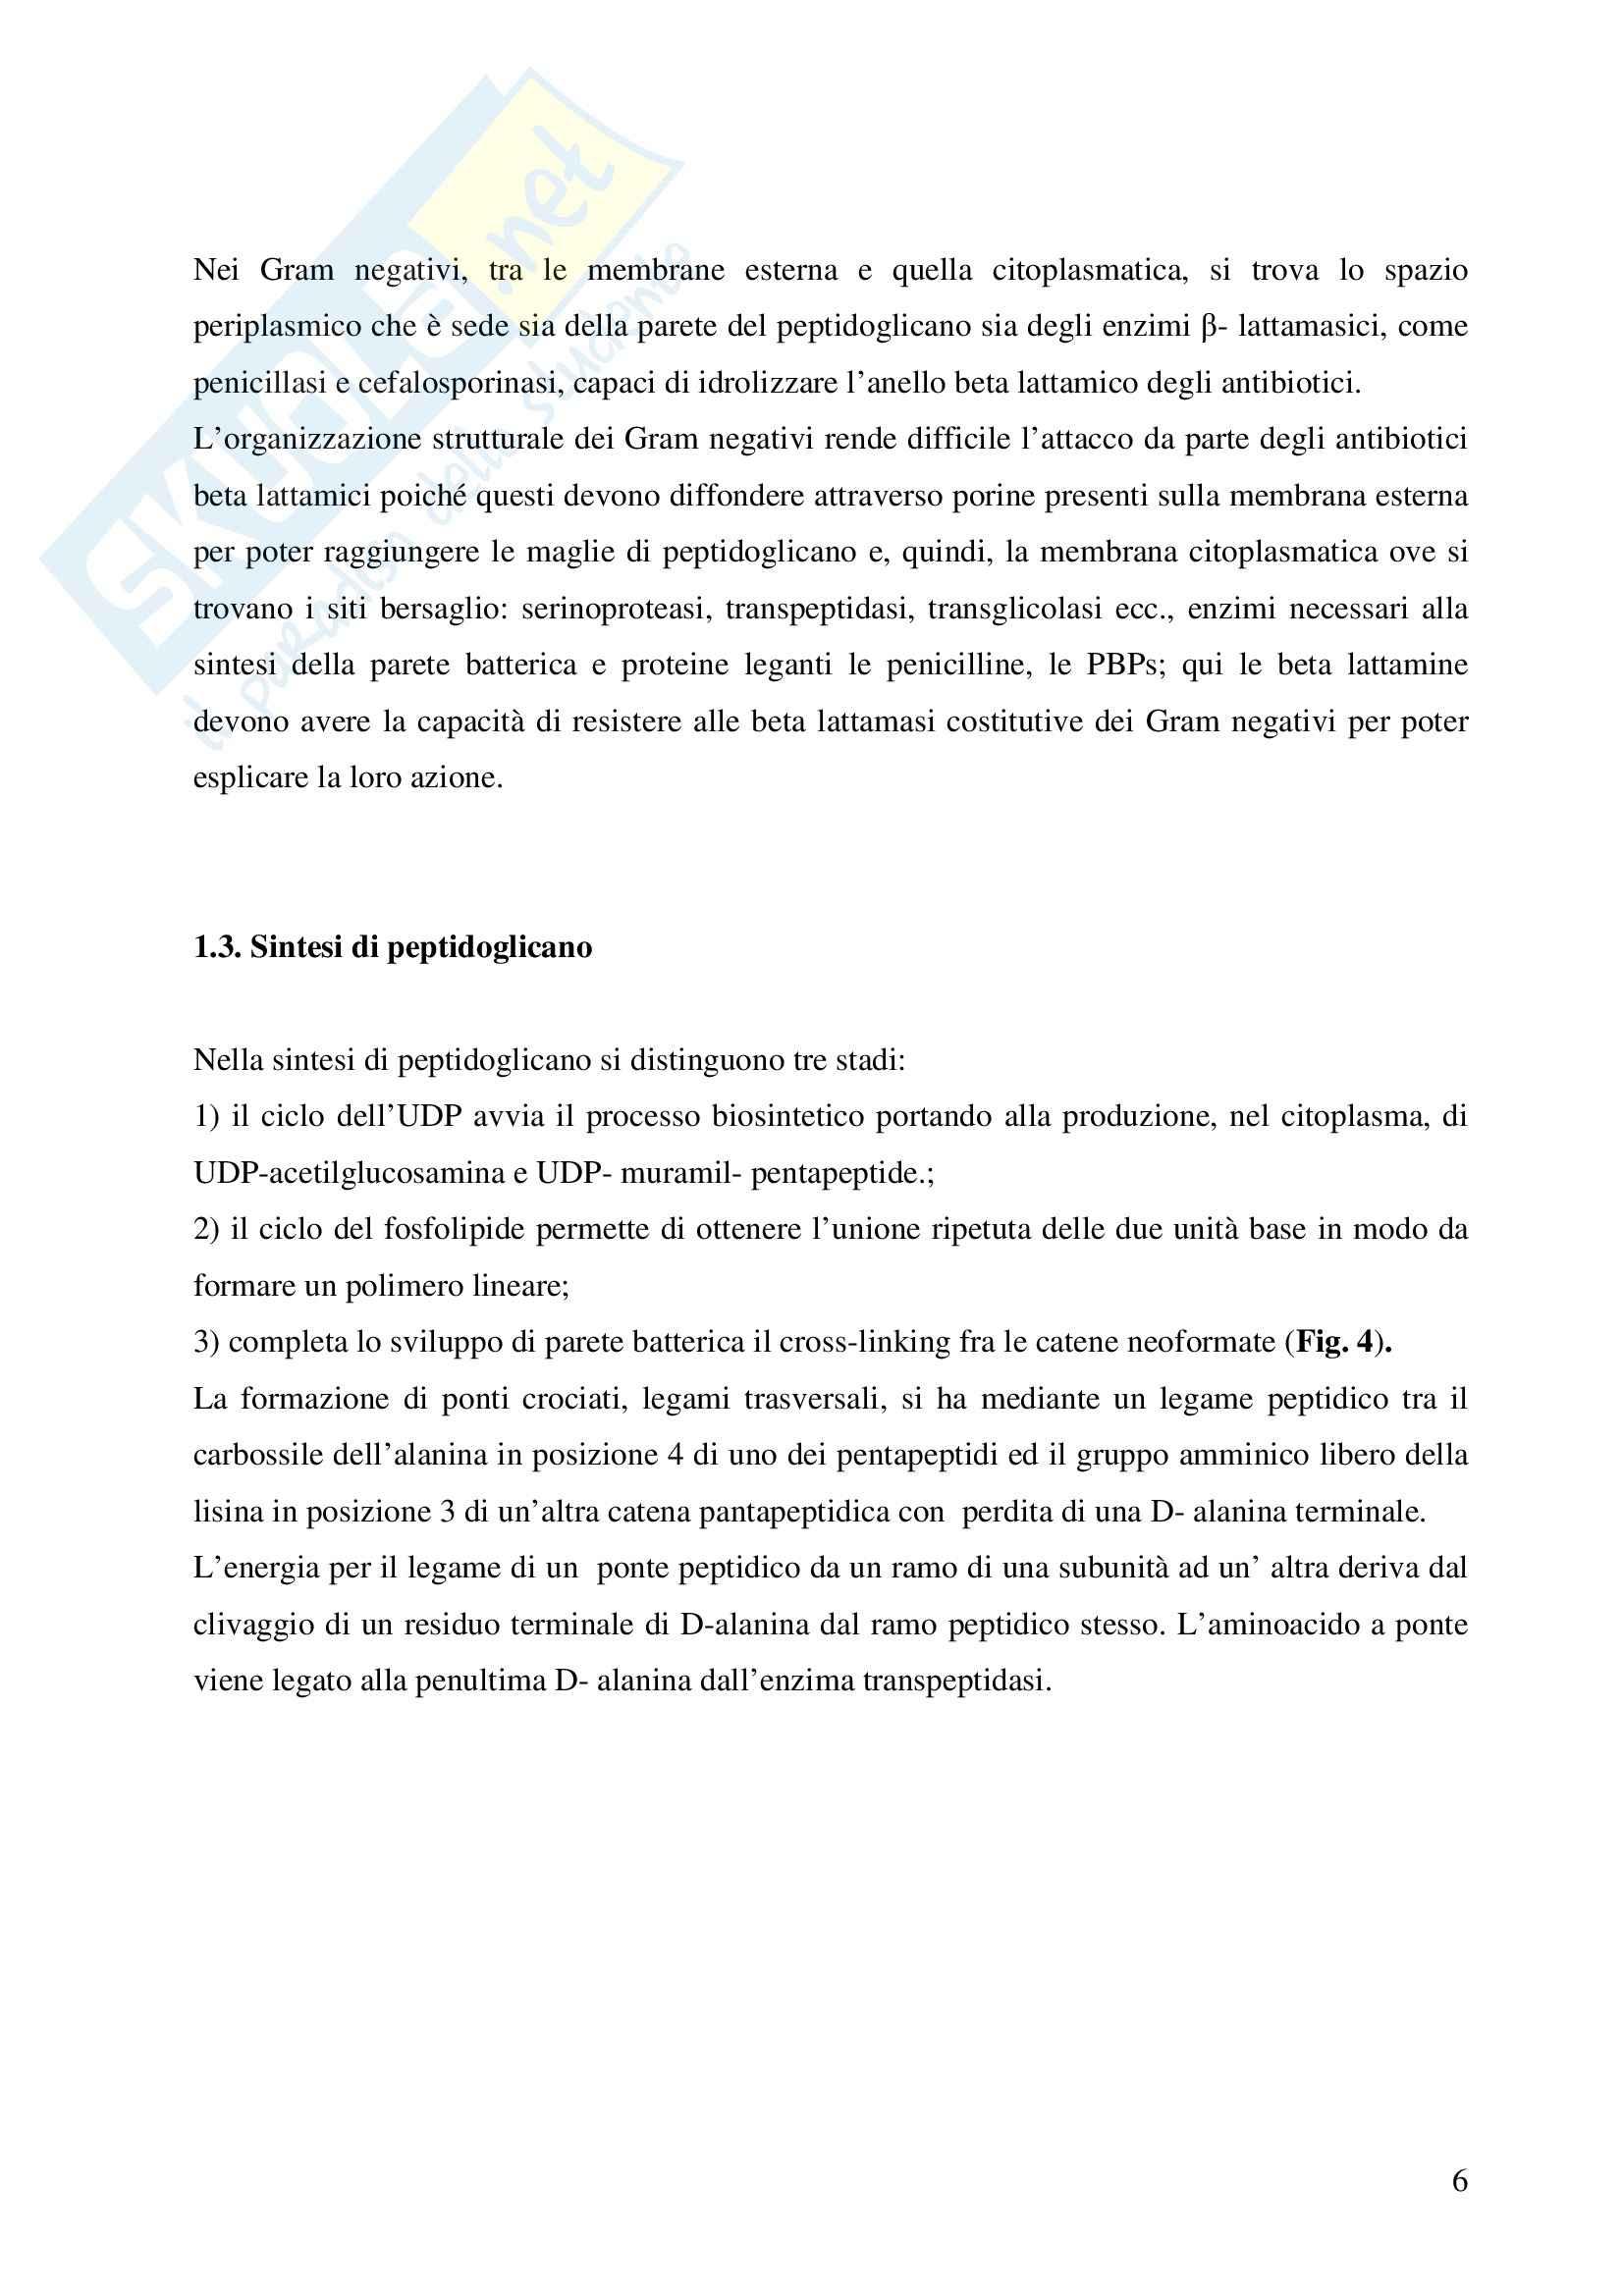 Chimica farmaceutica - penicilline Pag. 6